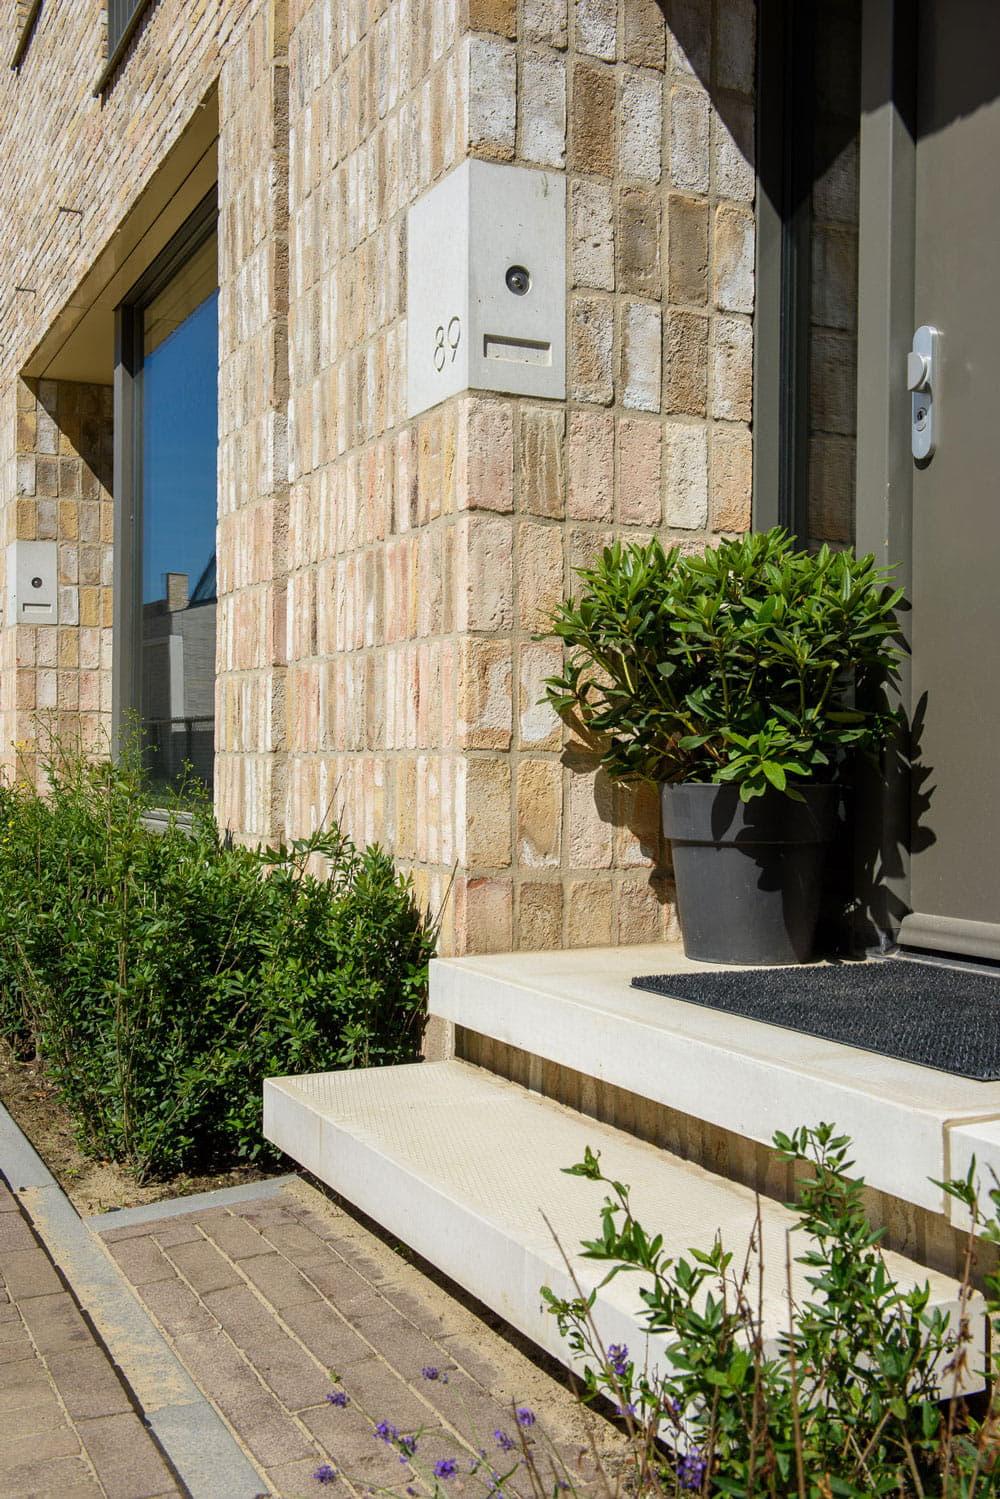 Strijp R entree van een woning met tredes, lichte bakstenen en betonnen huisnummers